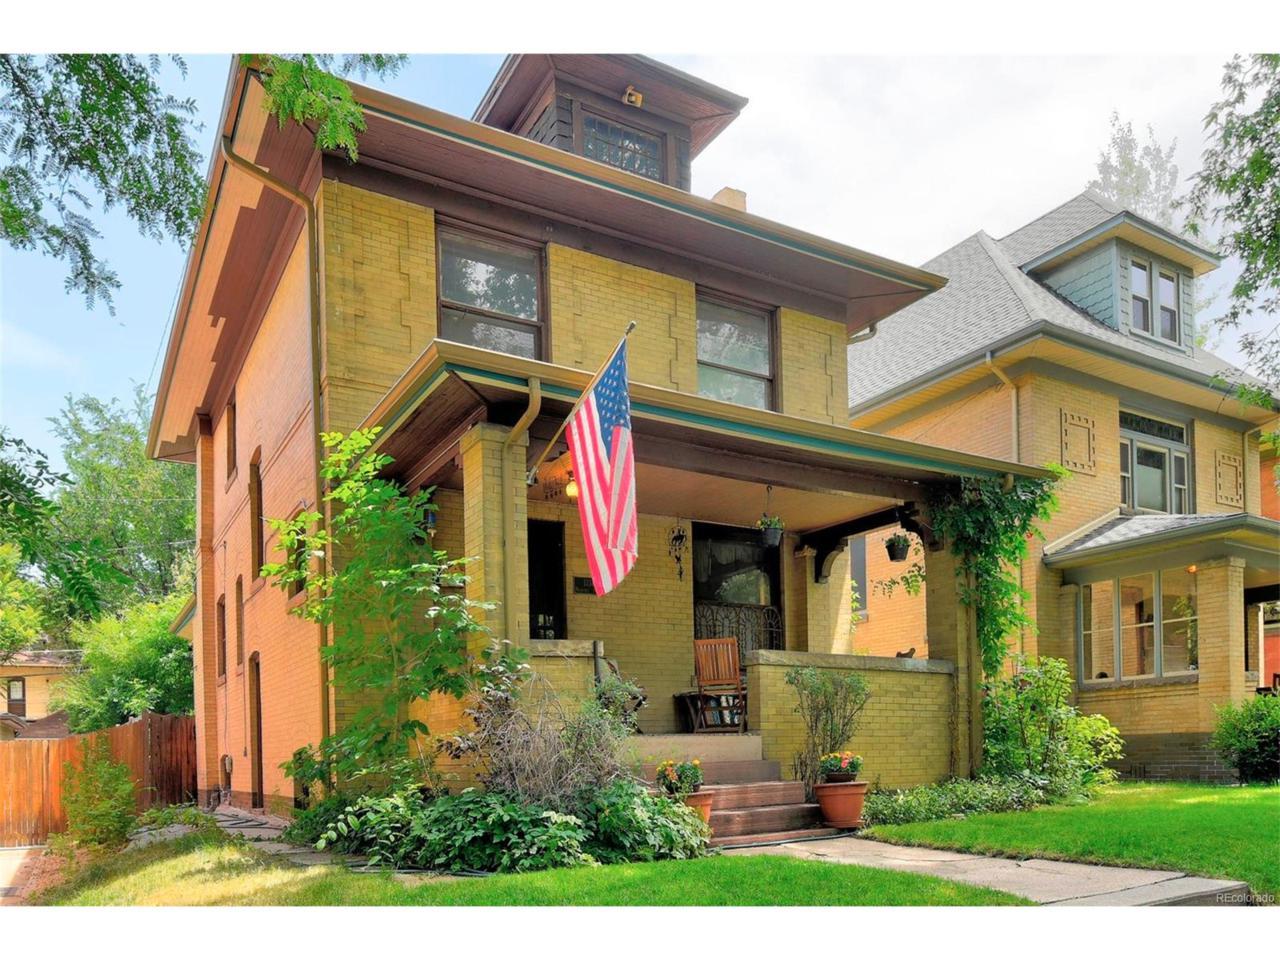 1334 Milwaukee Street, Denver, CO 80206 (MLS #8886100) :: 8z Real Estate